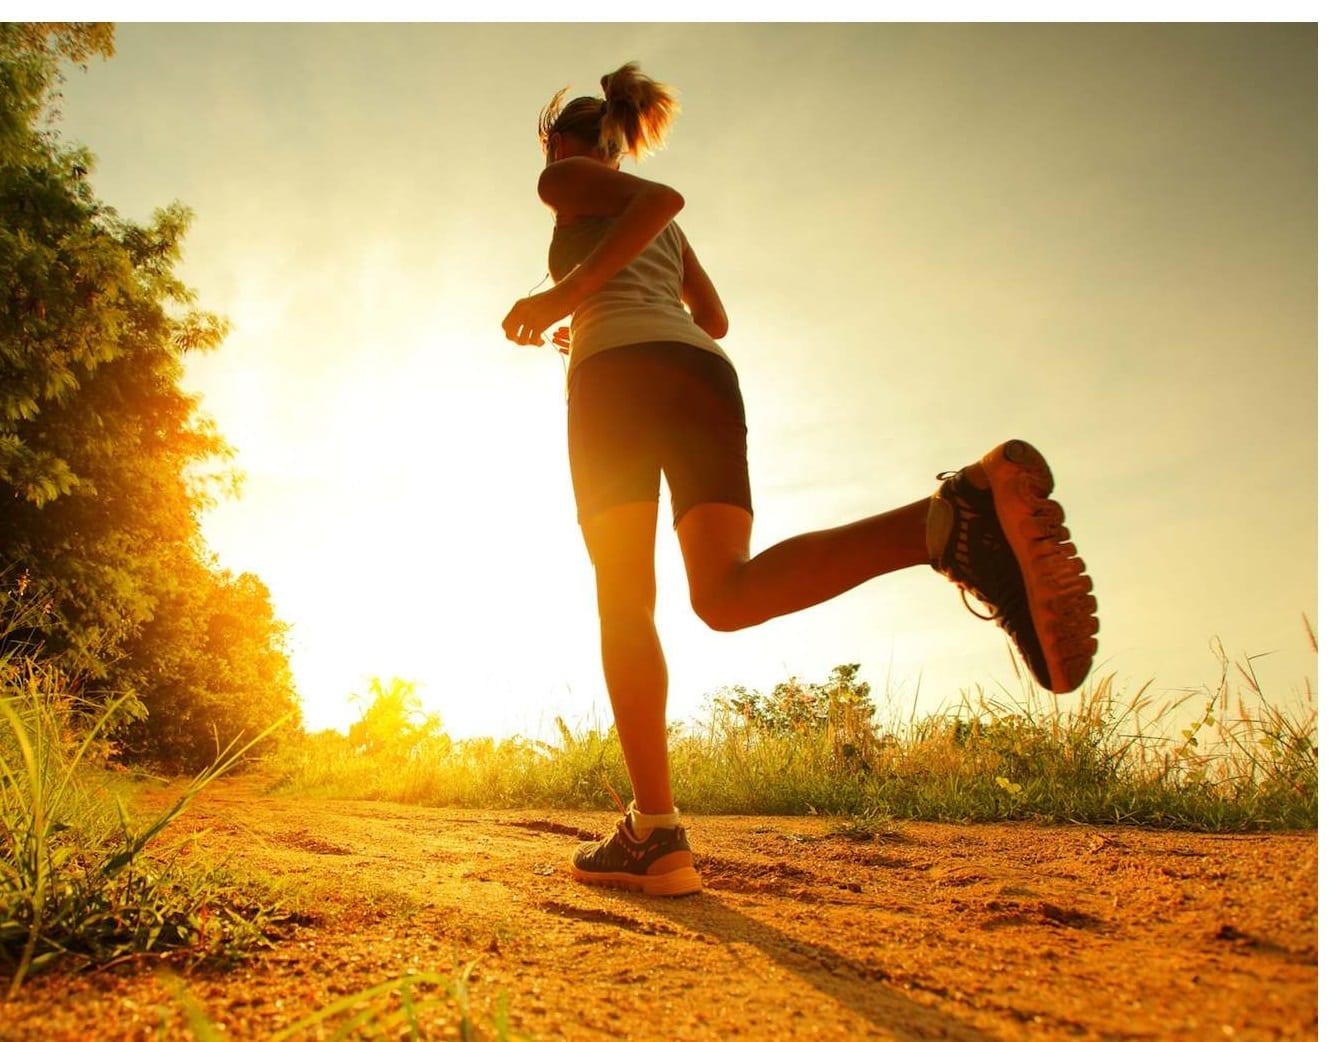 Laufen gehen - Psyche pushen